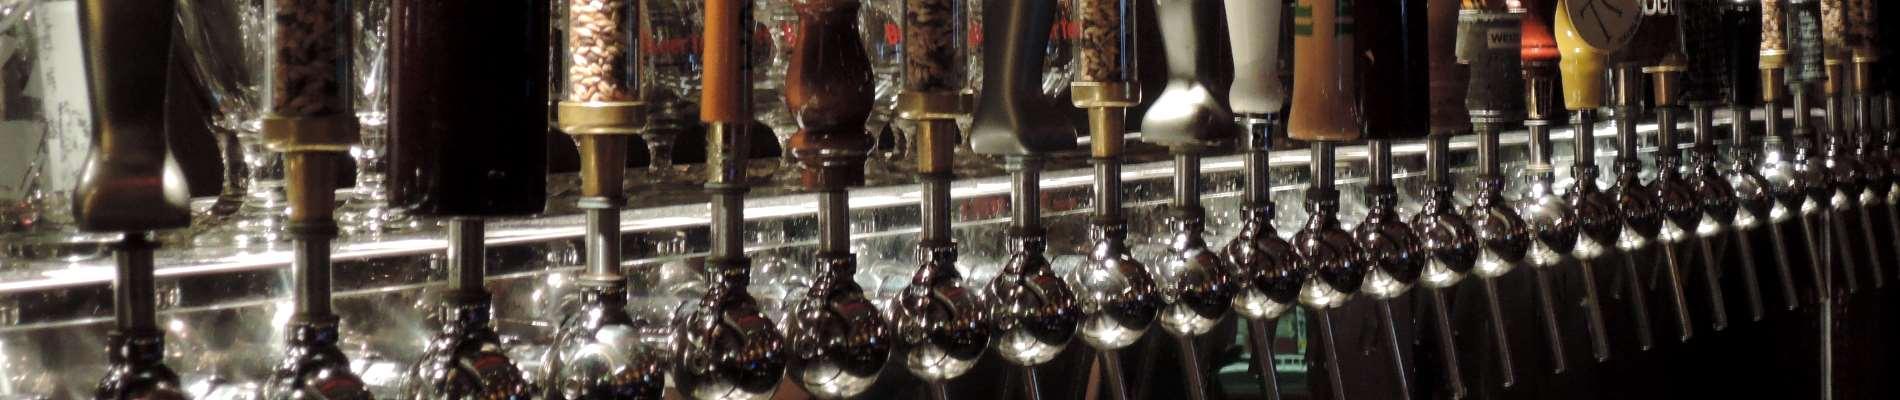 Diversity of beer